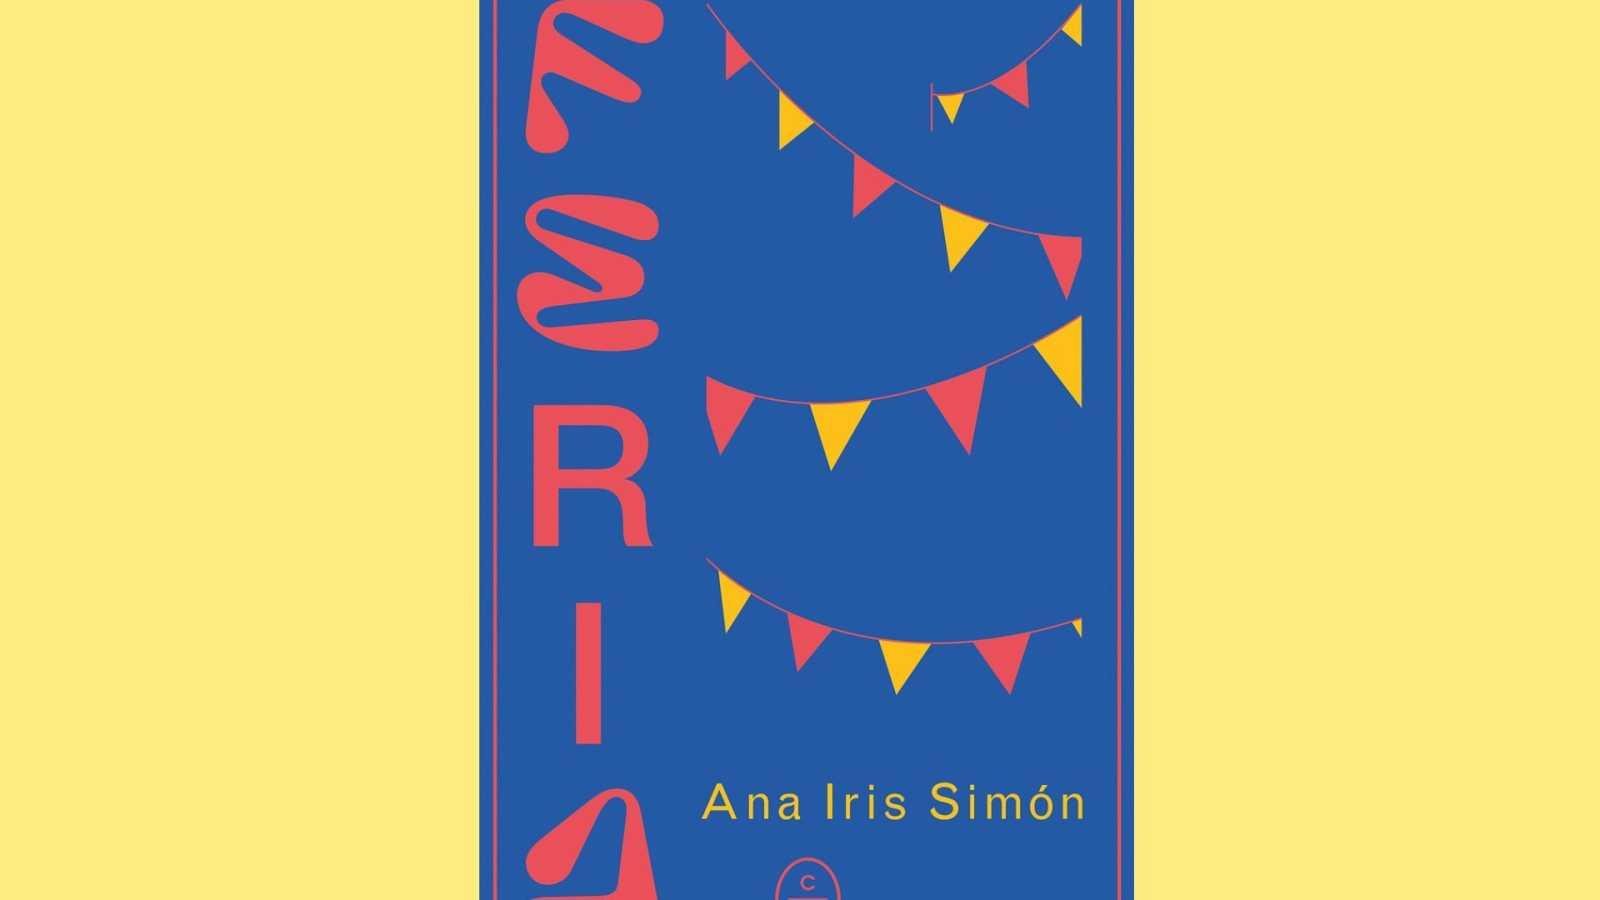 El ojo crítico - 'Feria' con Ana Iris Simón y el libro inconcluso de Harper Lee - 28/12/20 - escuchar ahora